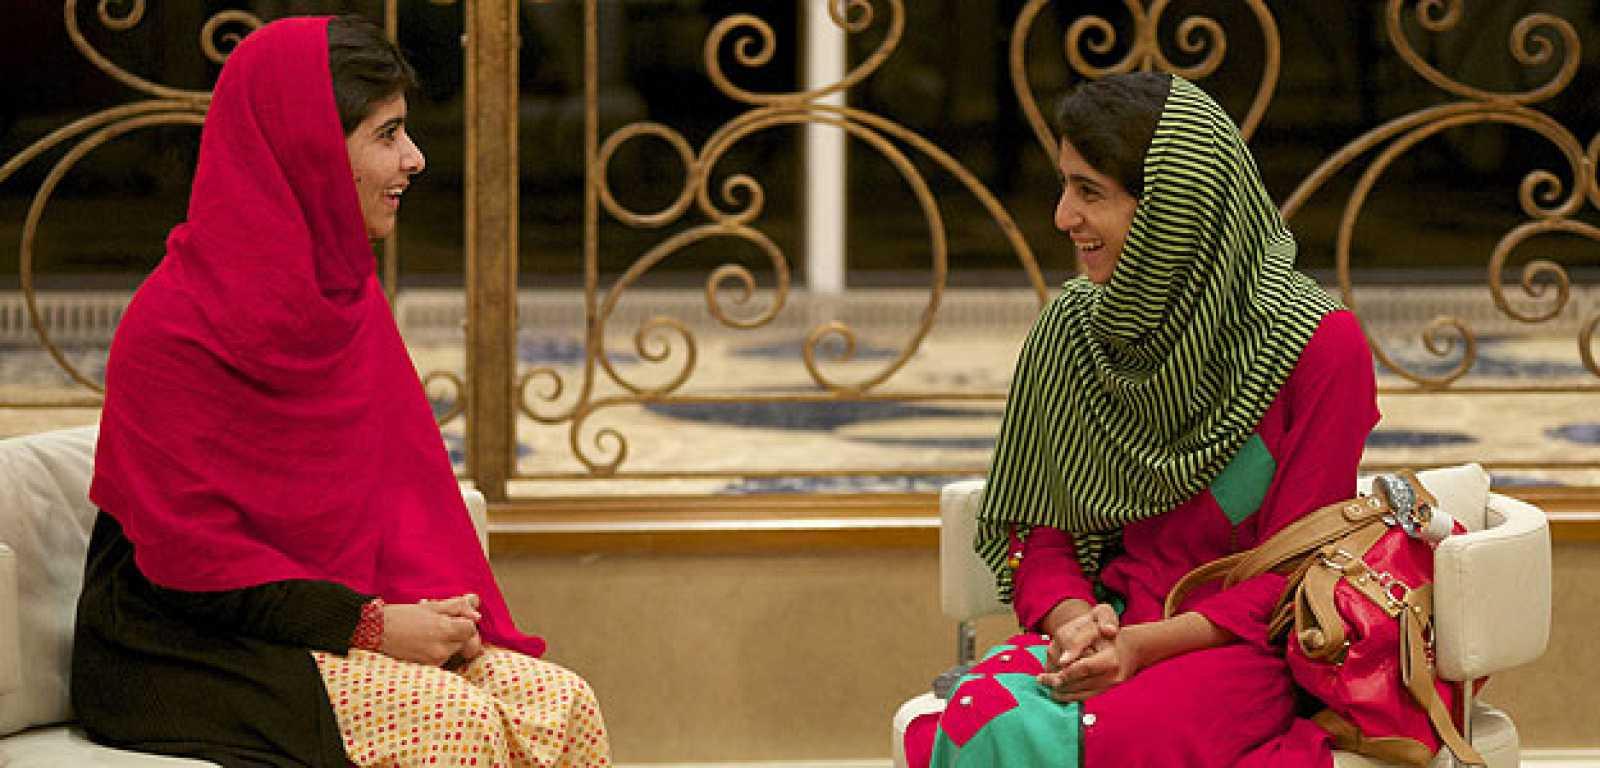 Malala Yousafzai, a la izquierda, conversa con una amiga tras reencontrarse en Birmingham.